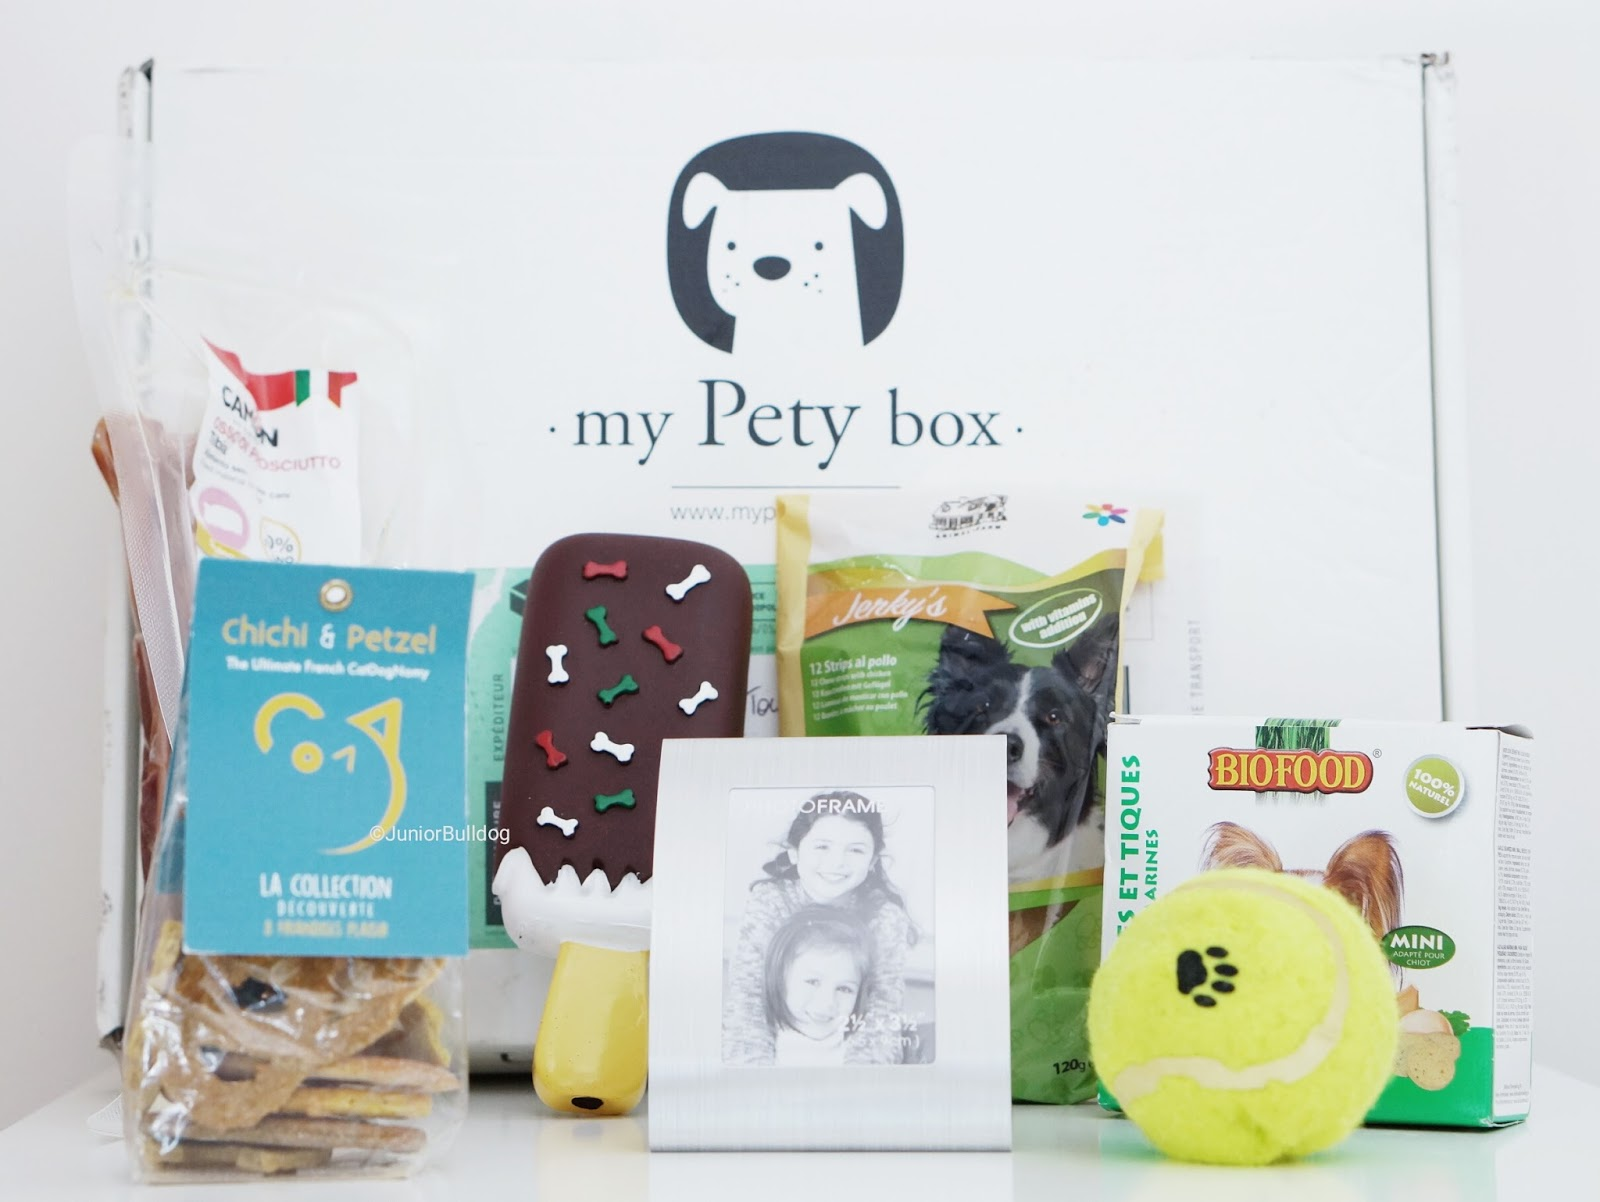 mypetybox unboxing du mois de mai